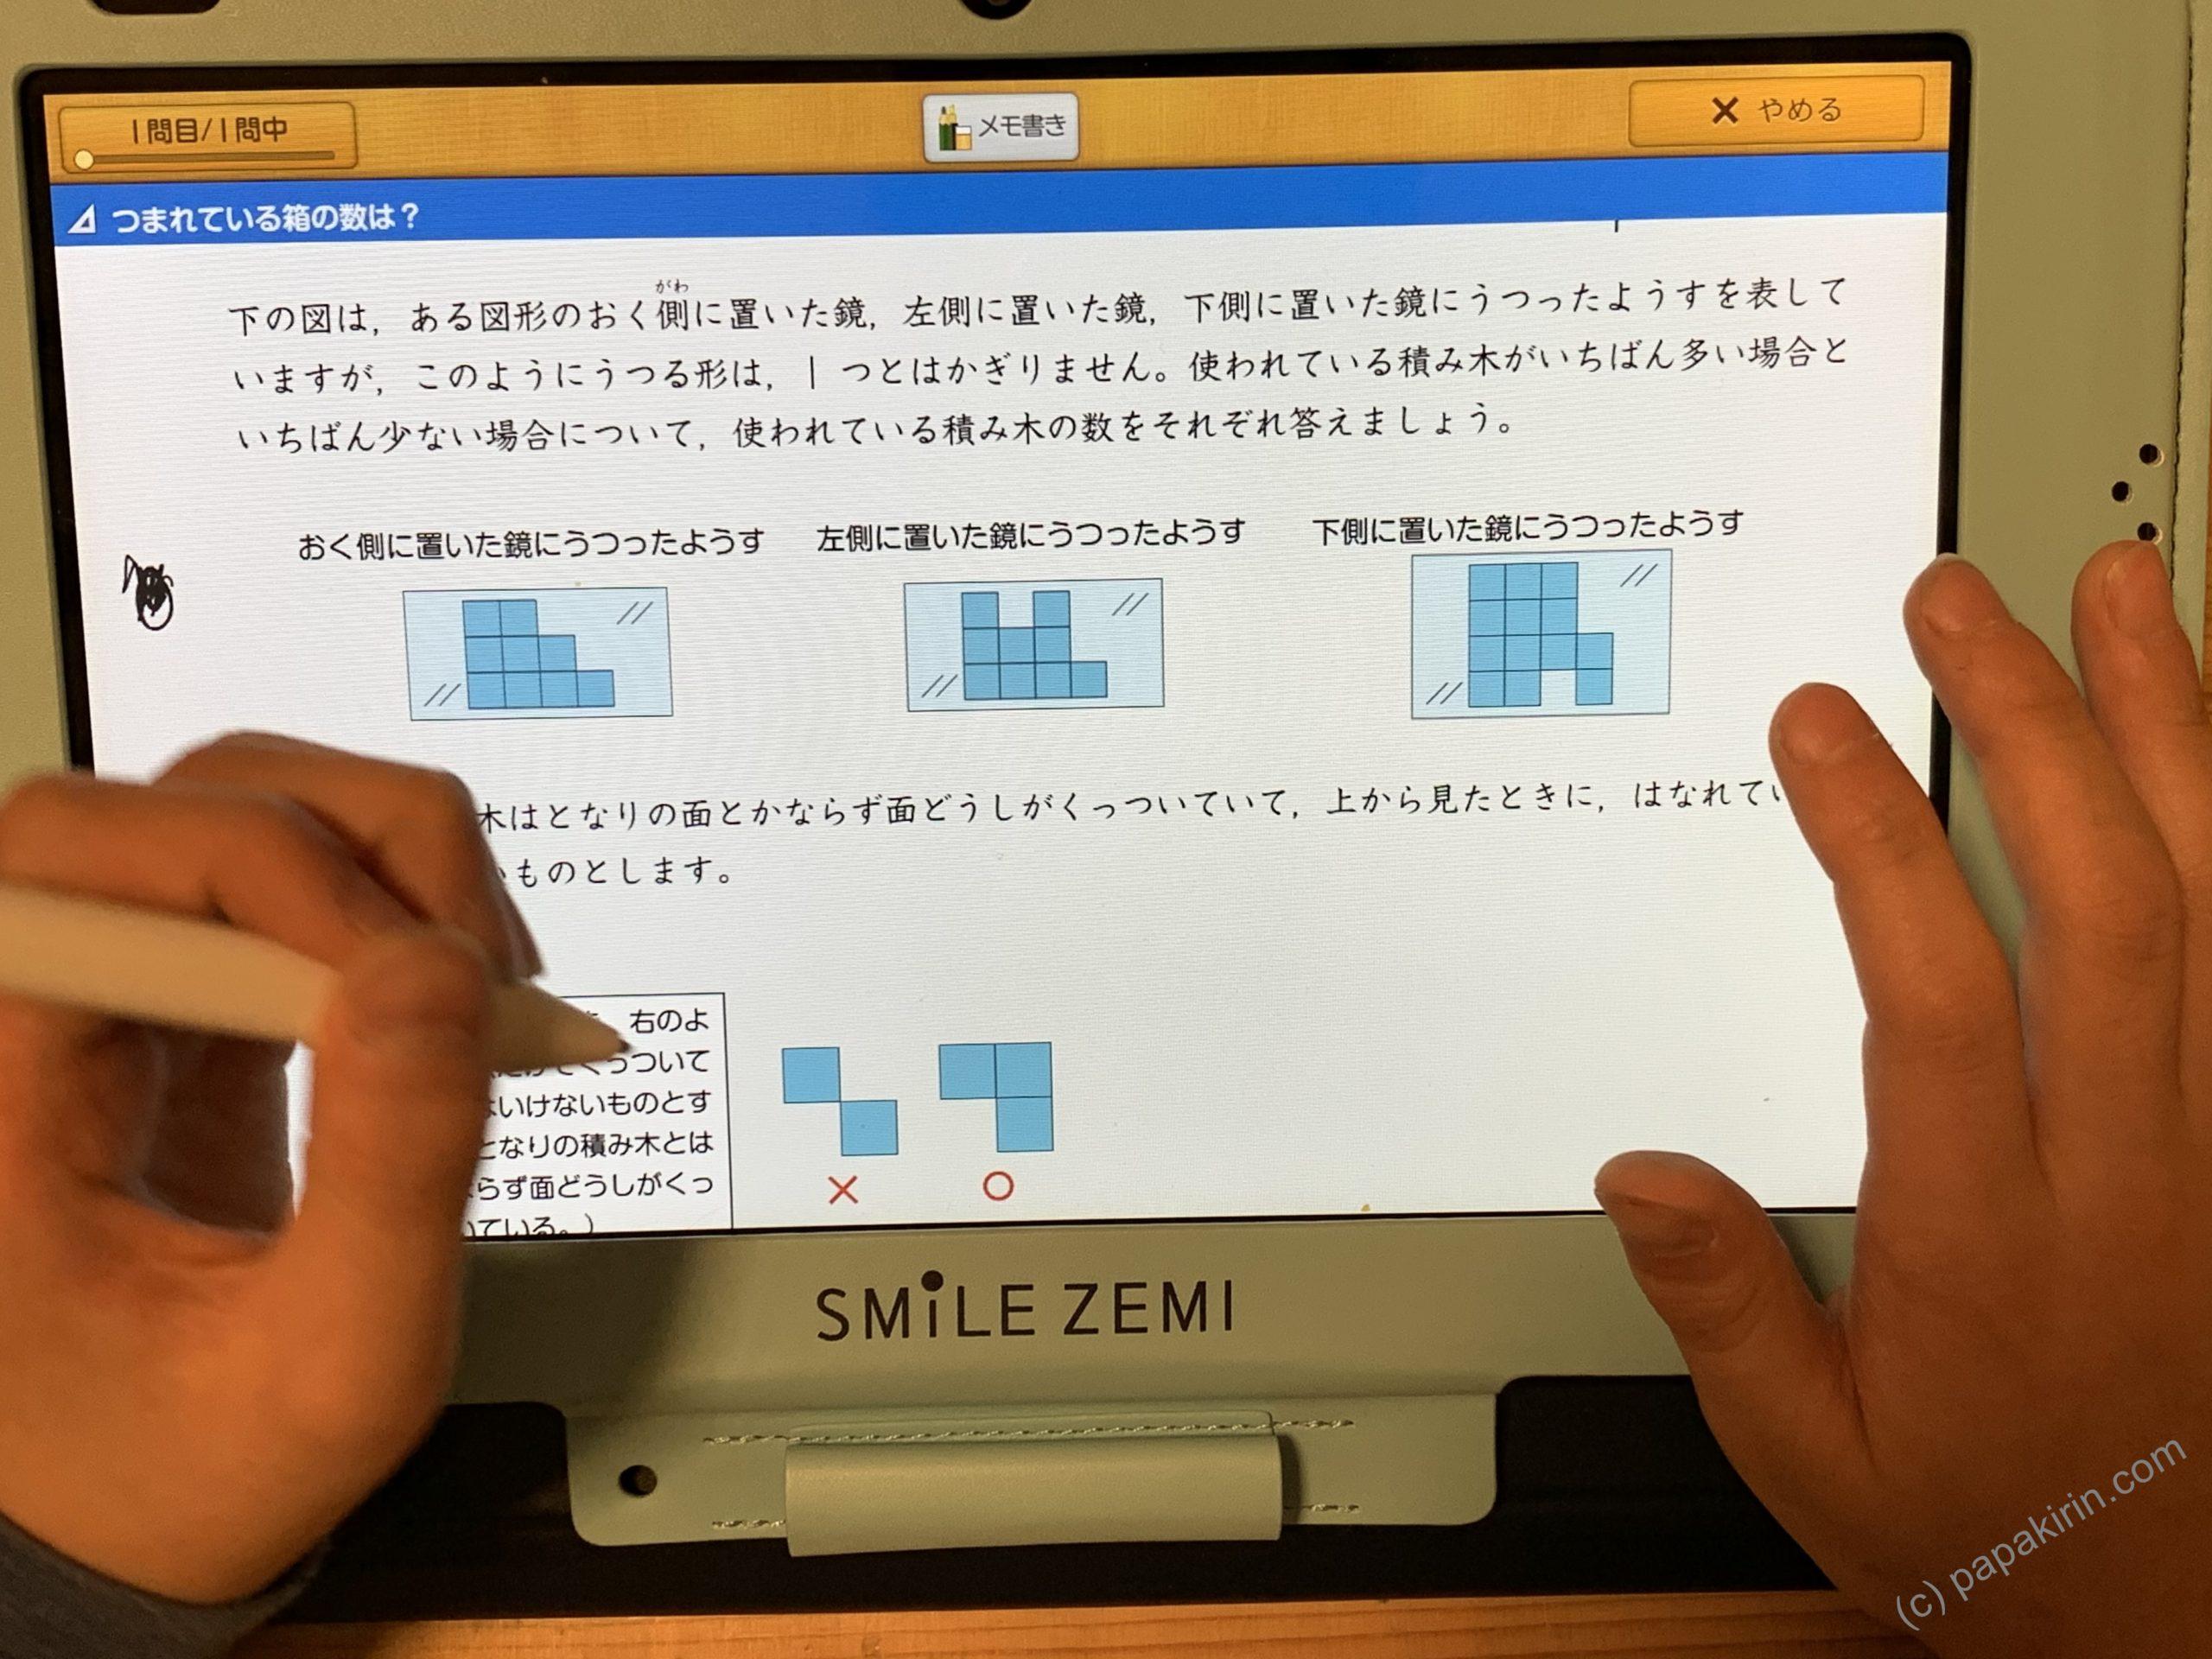 スマイルゼミの5年生の算数の画面